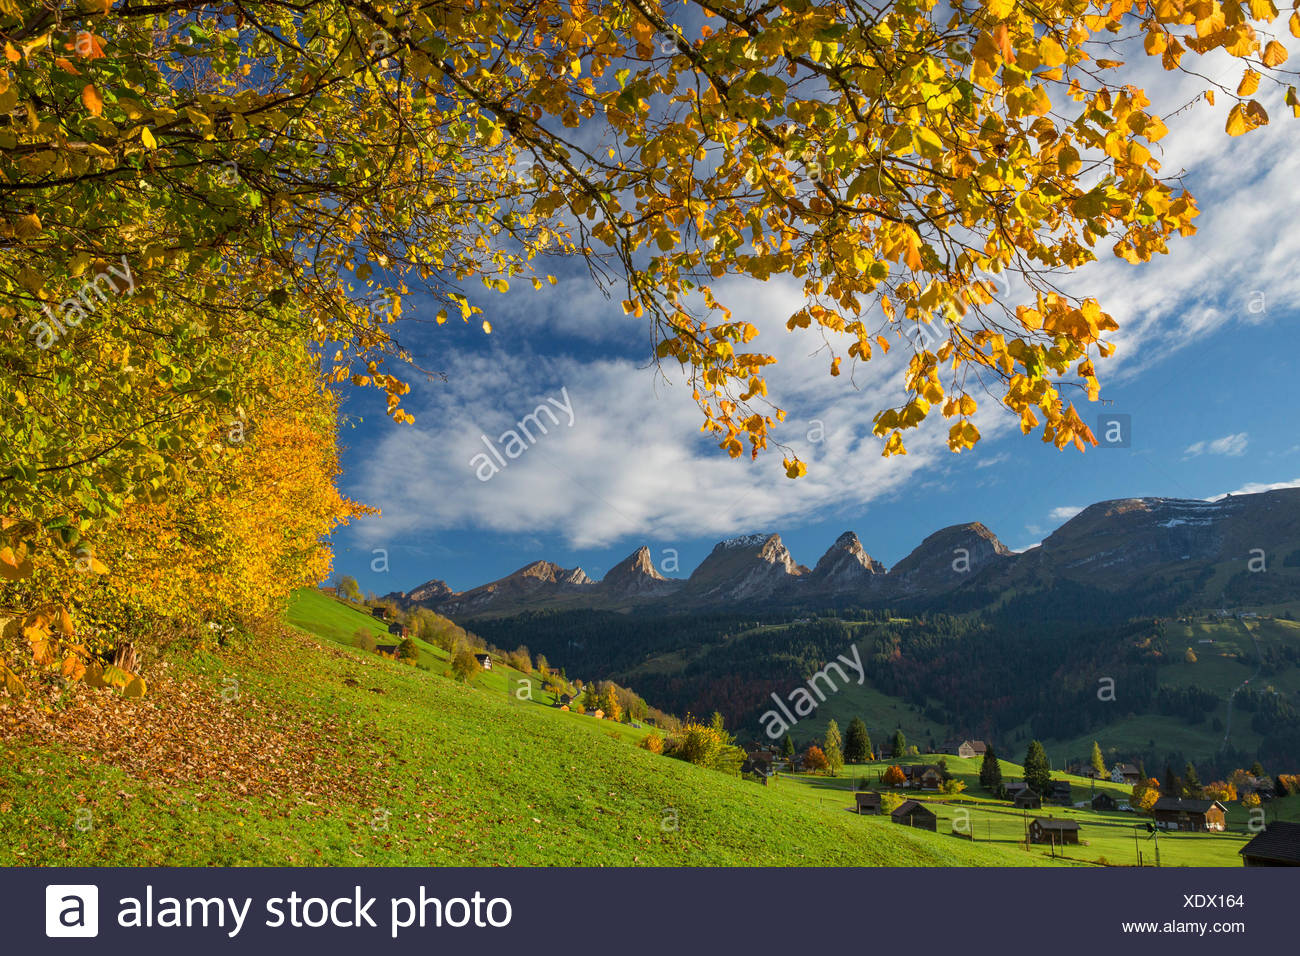 Toggenburg, Unterwasser, SG Churfirsten, montaña, montañas, otoño, la reflexión, la SG, en el cantón de San Gallen, Suiza, Europa Foto de stock